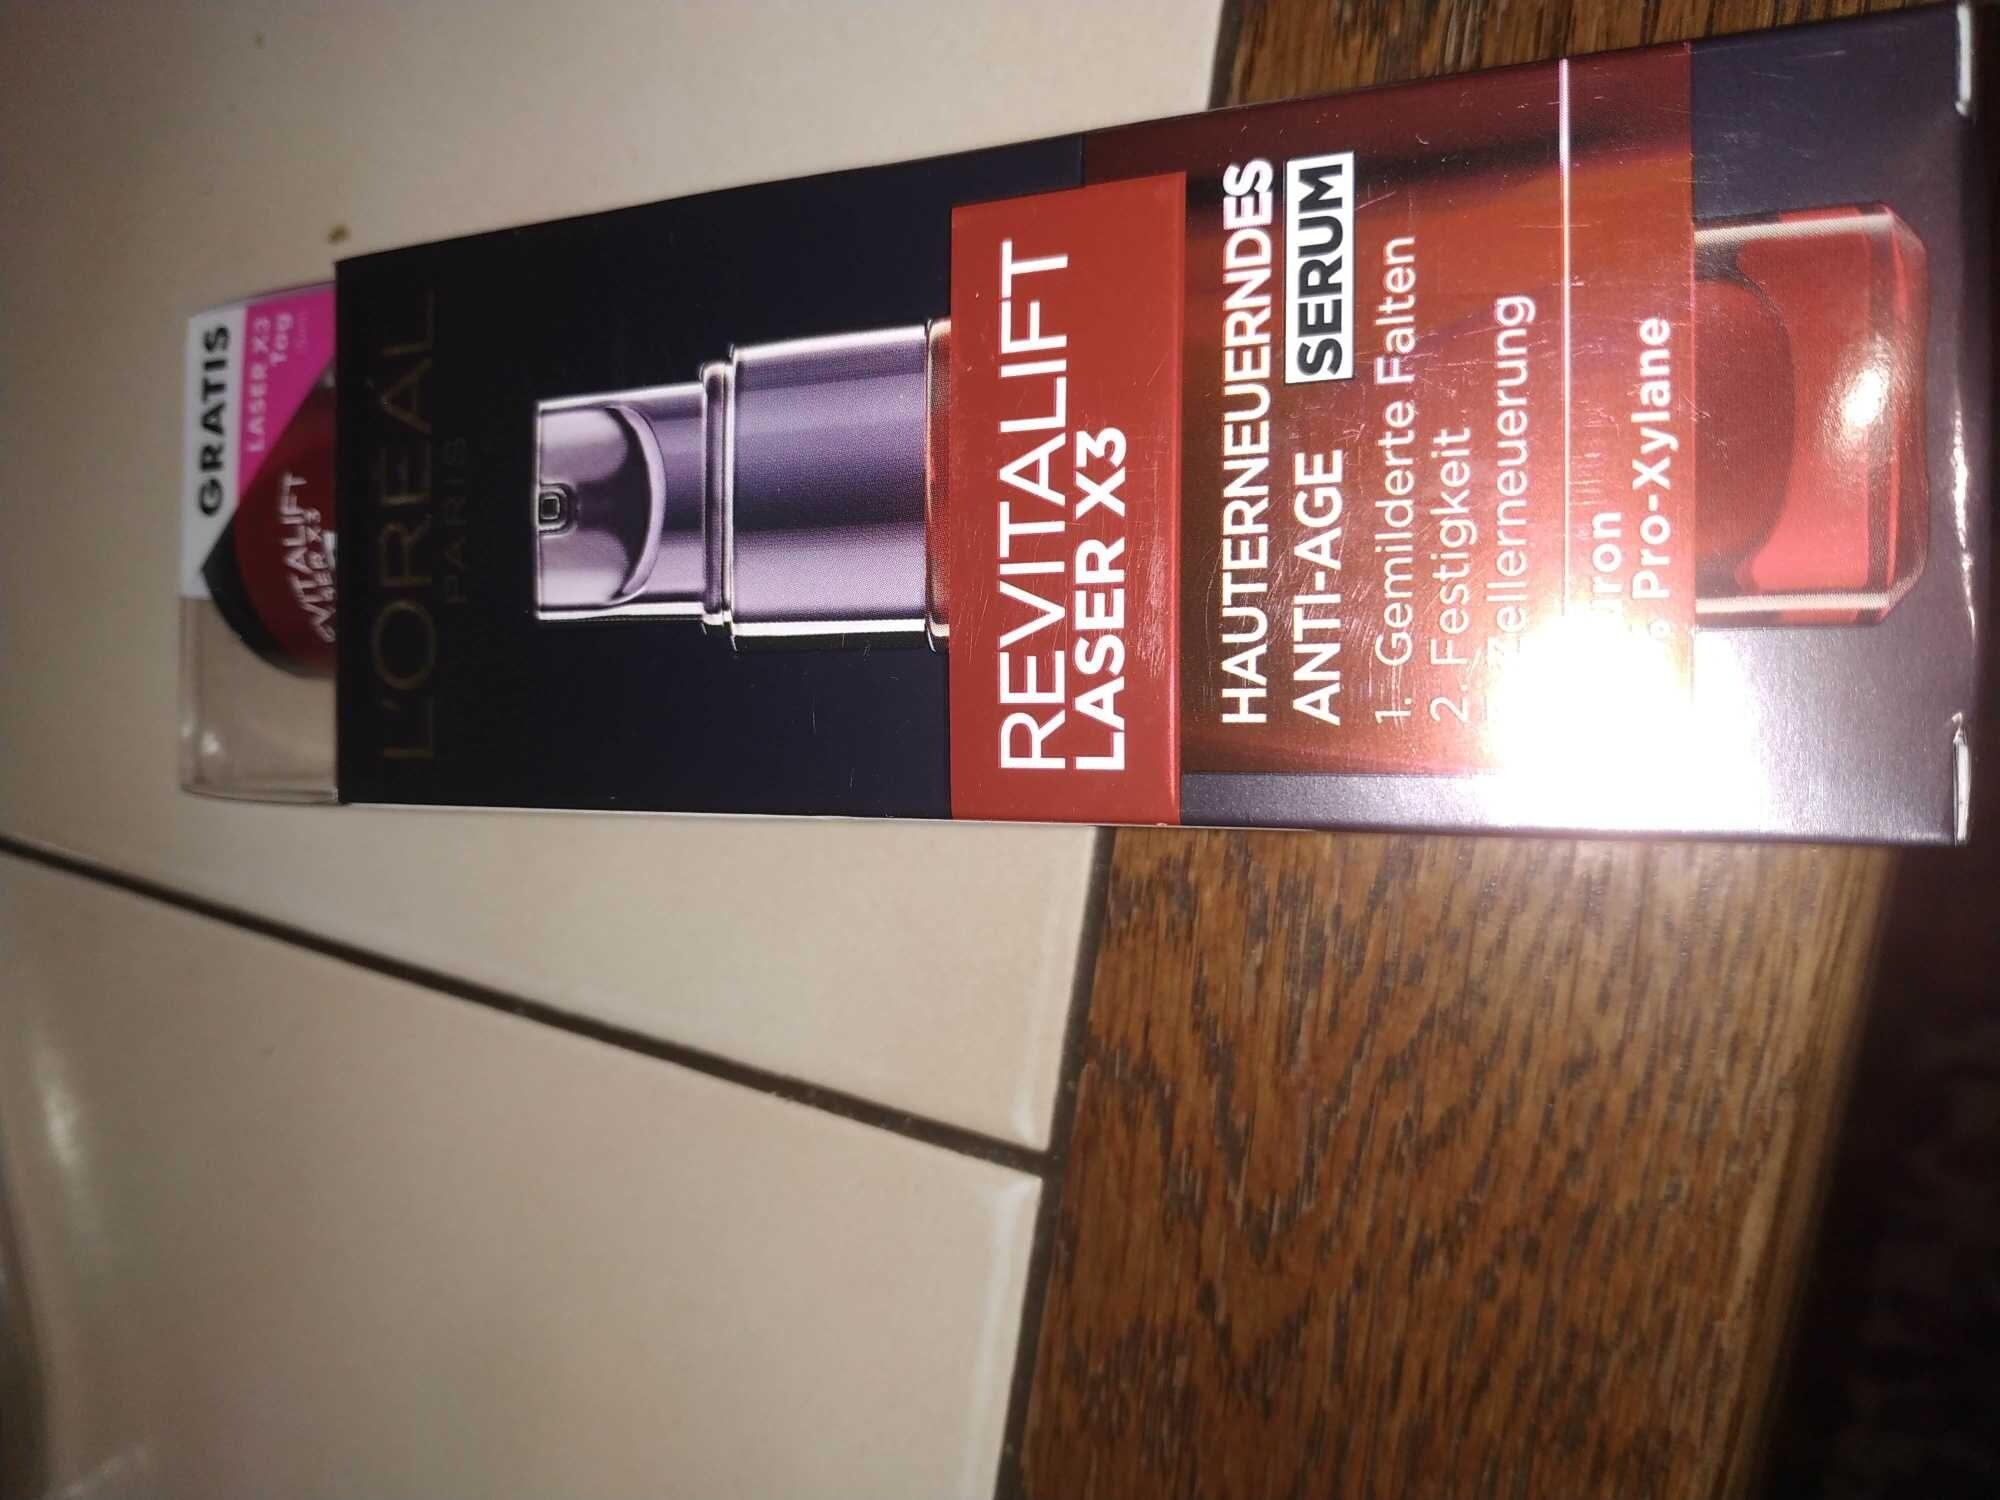 Revita Lift X3 - Product - de